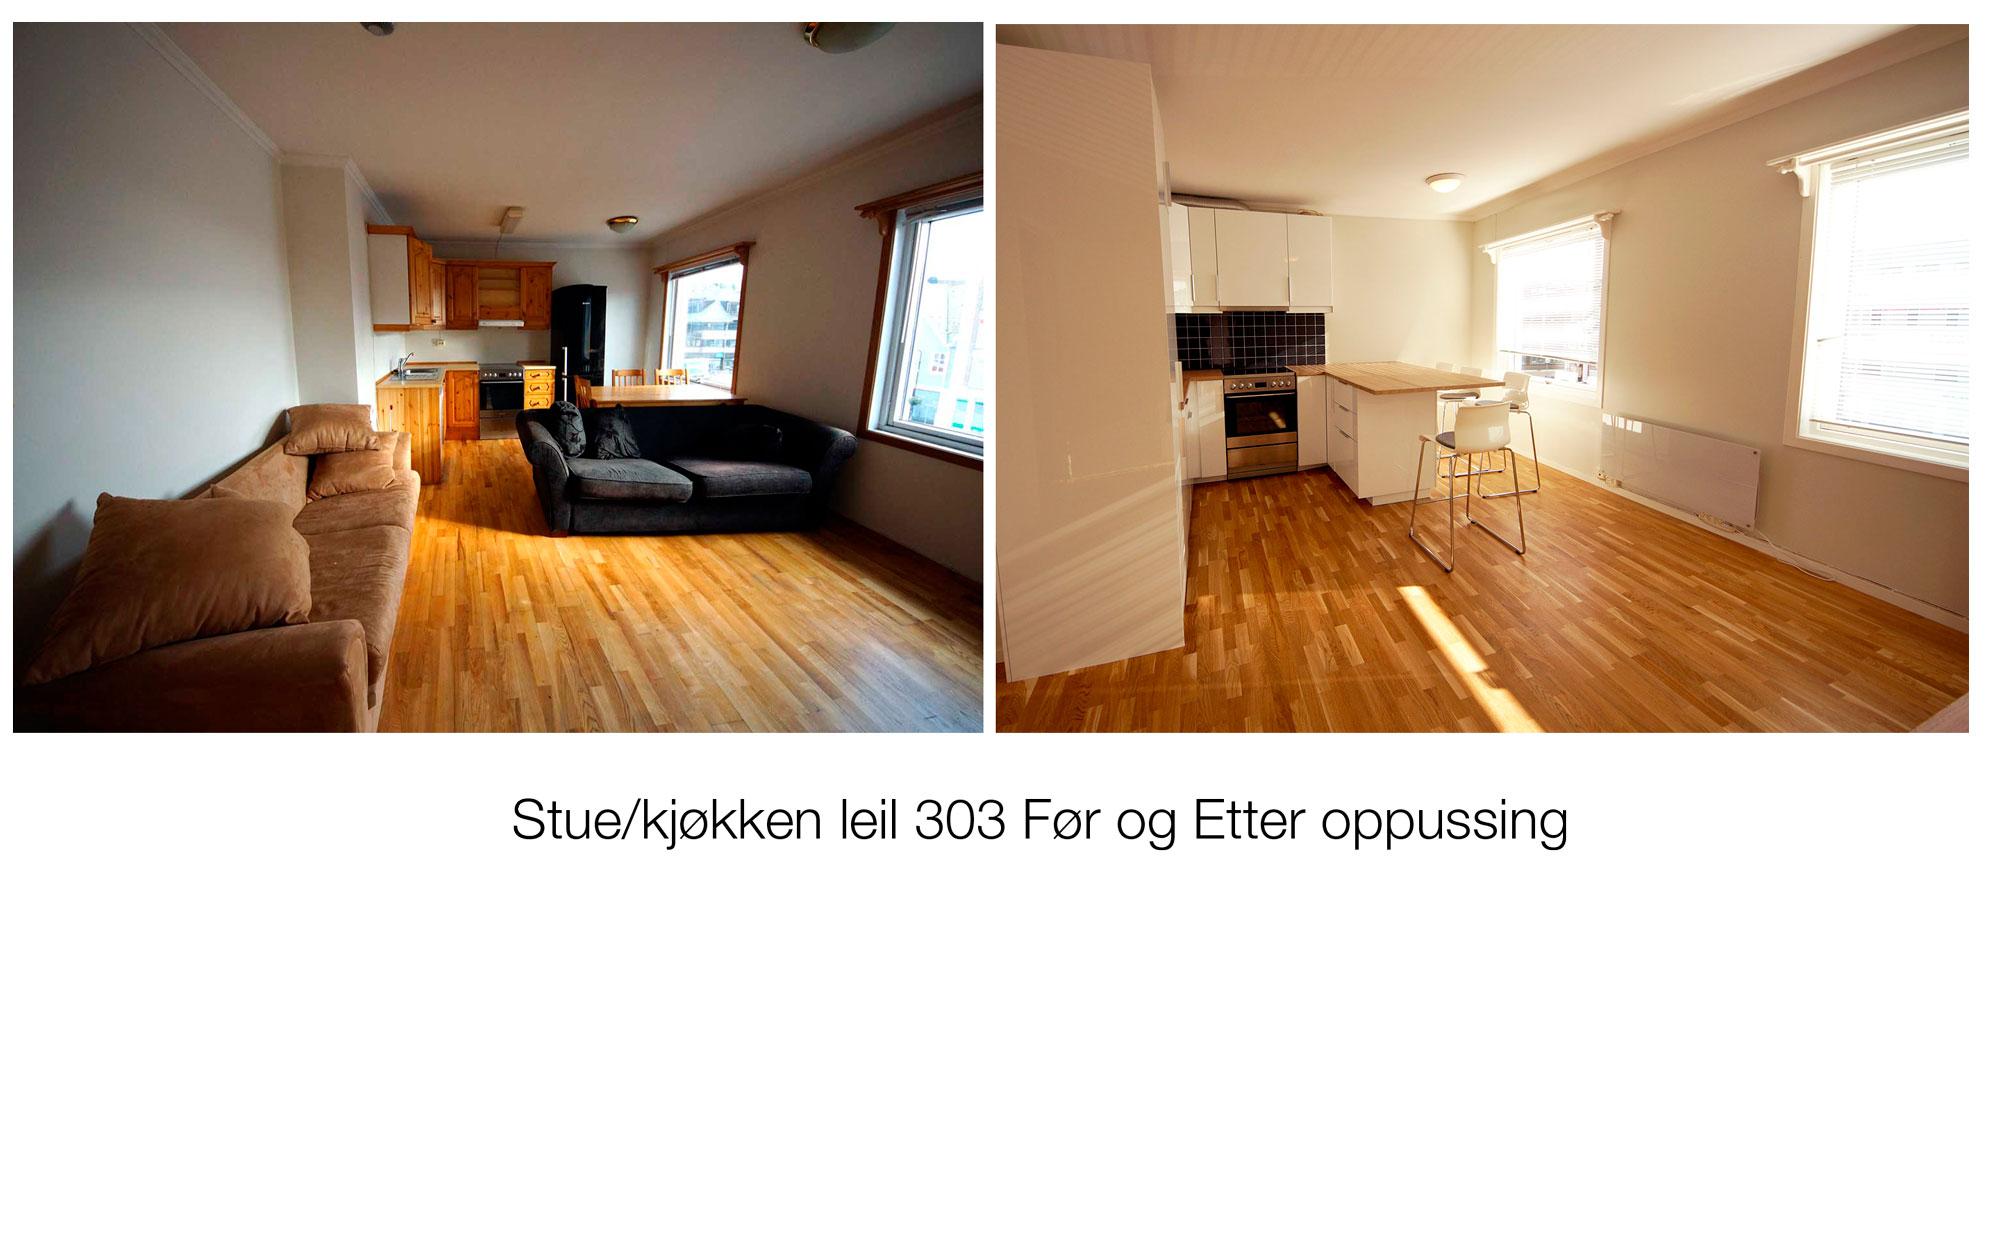 Før og etter stue/kjøkken leil 303